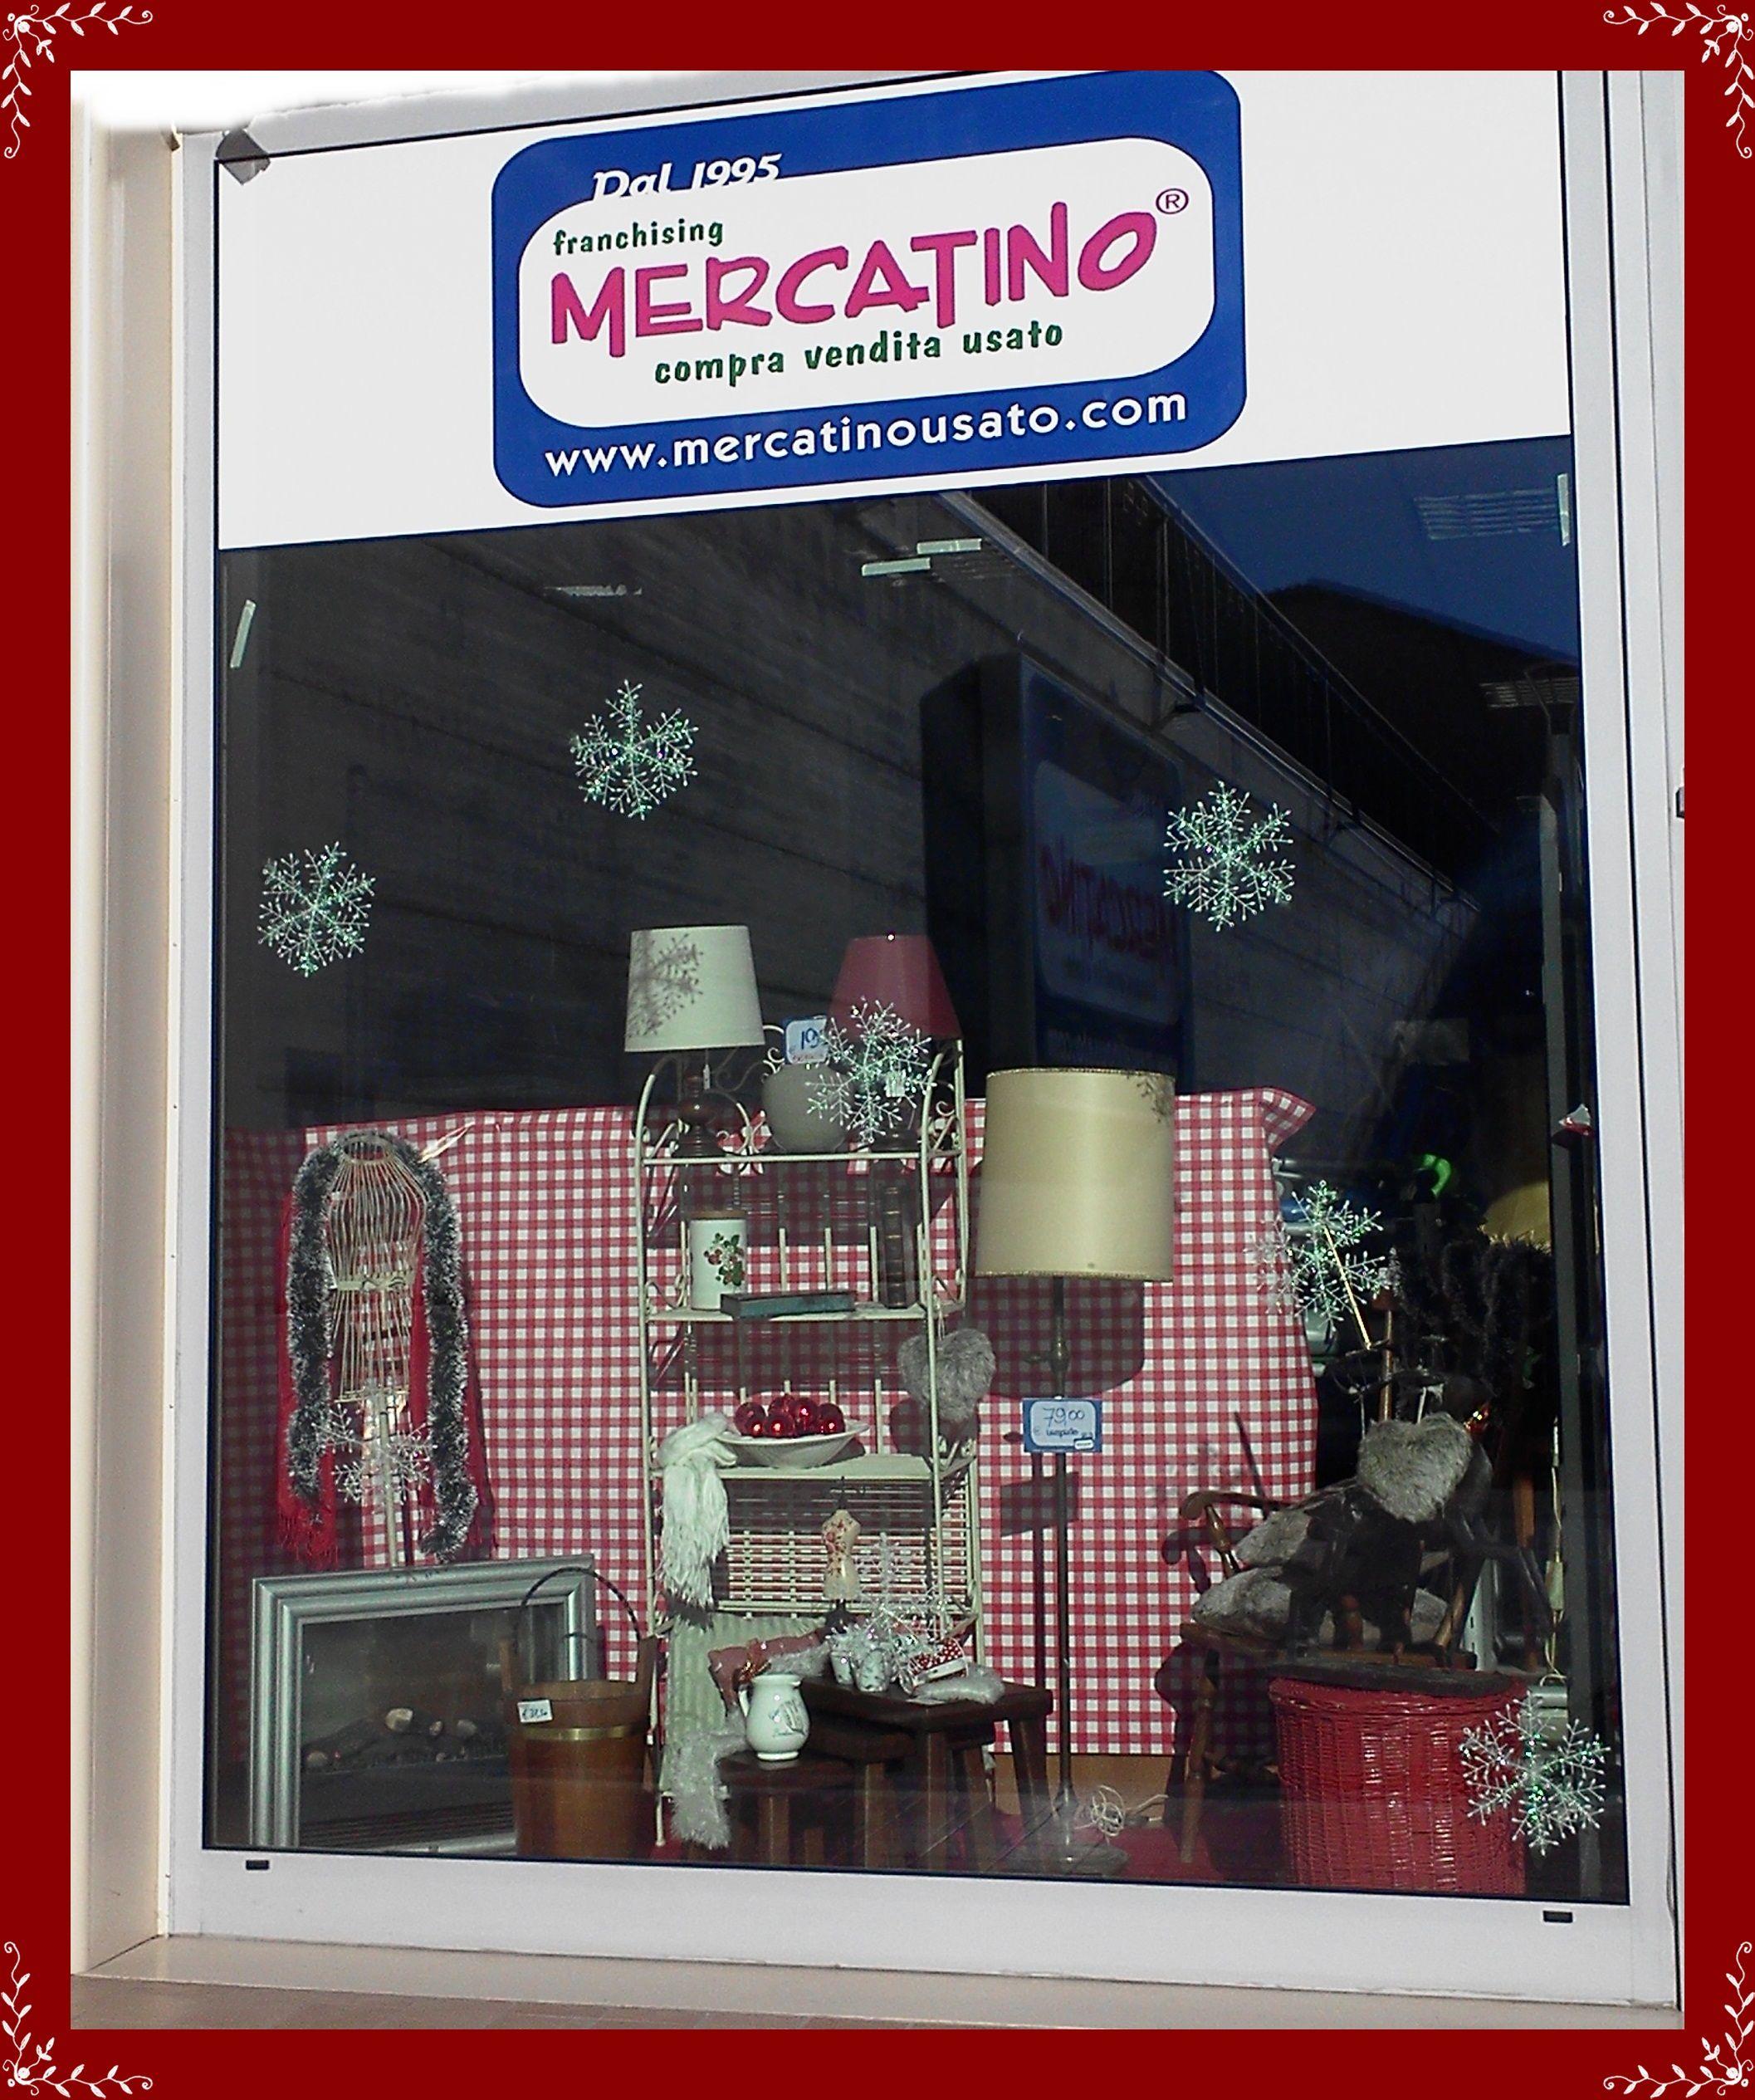 Pin by mercatino usato l 39 aquila on vetrine pinterest for Mercatino usato l aquila